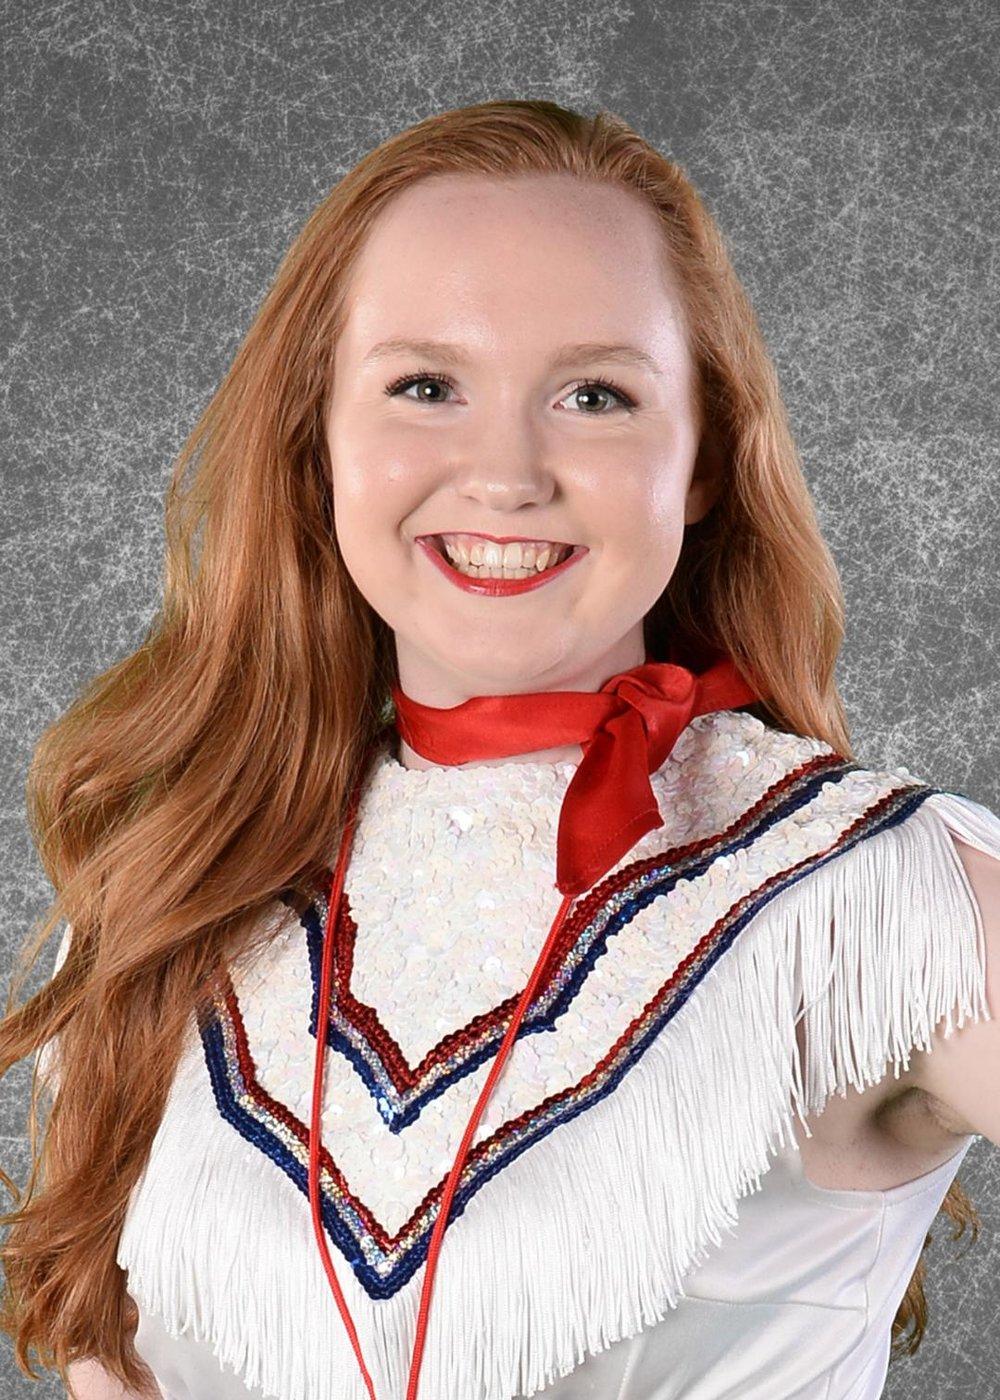 Madison Chadwick